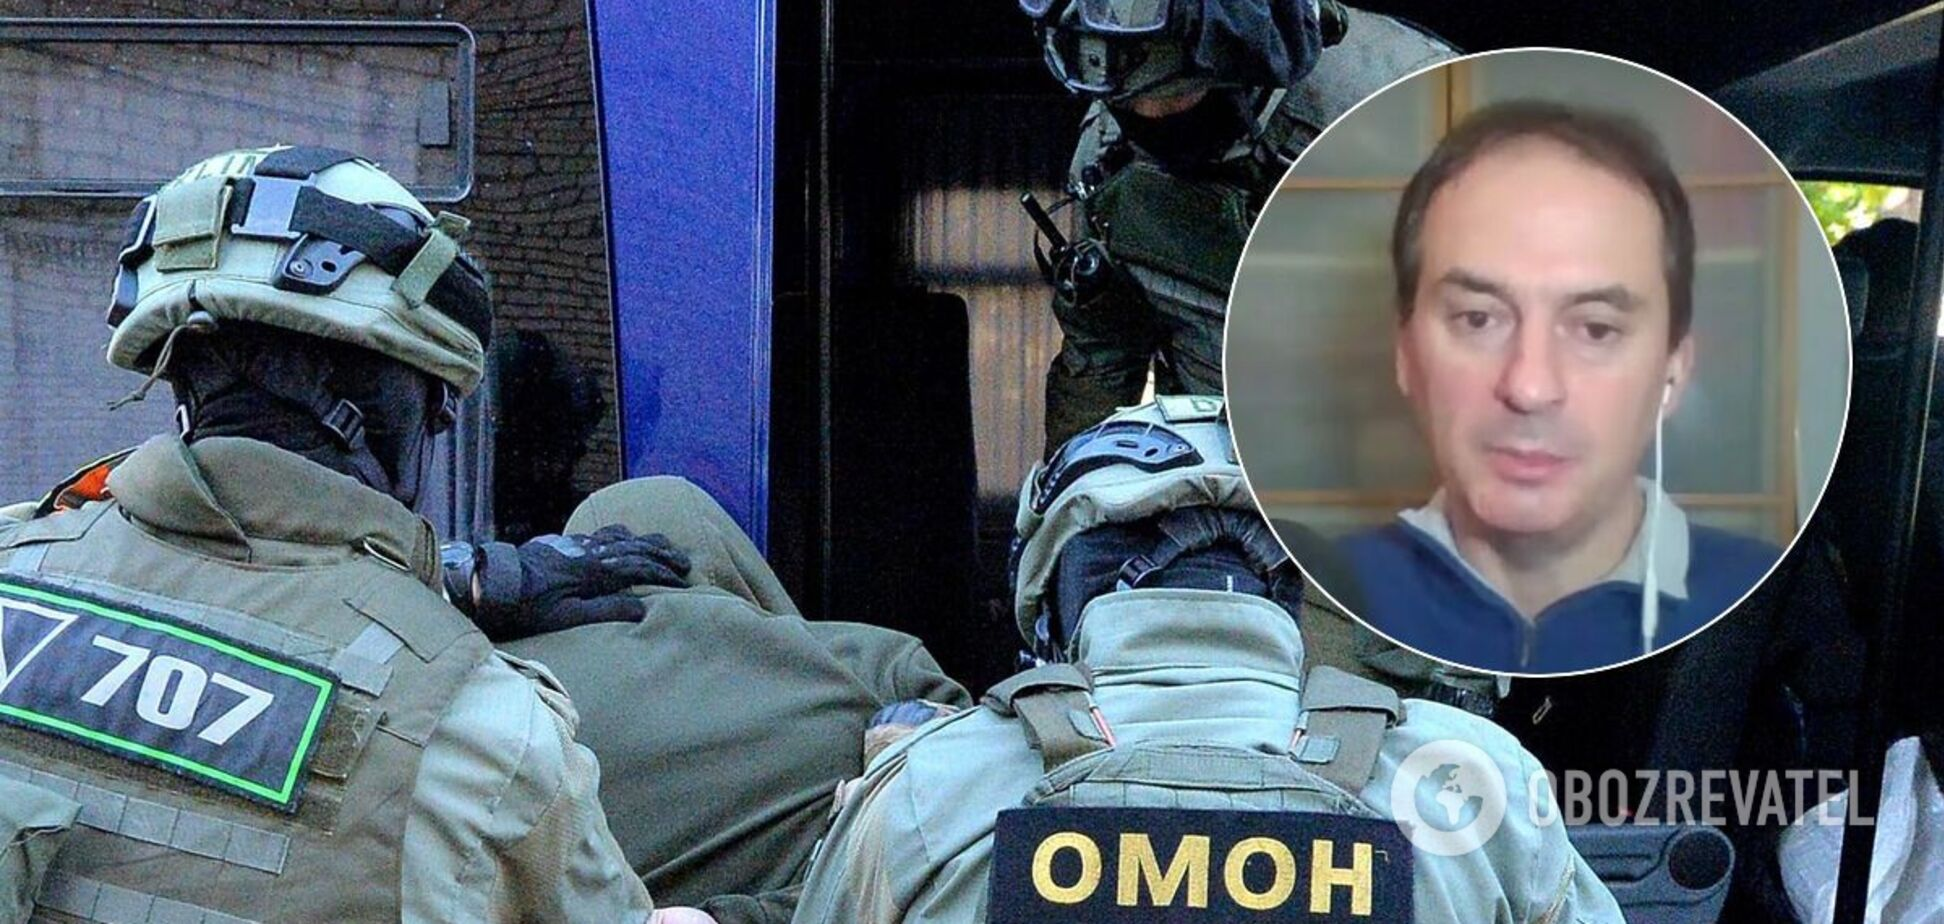 Грозєв розповів про провал операції із захоплення 'вагнерівців' у Білорусі